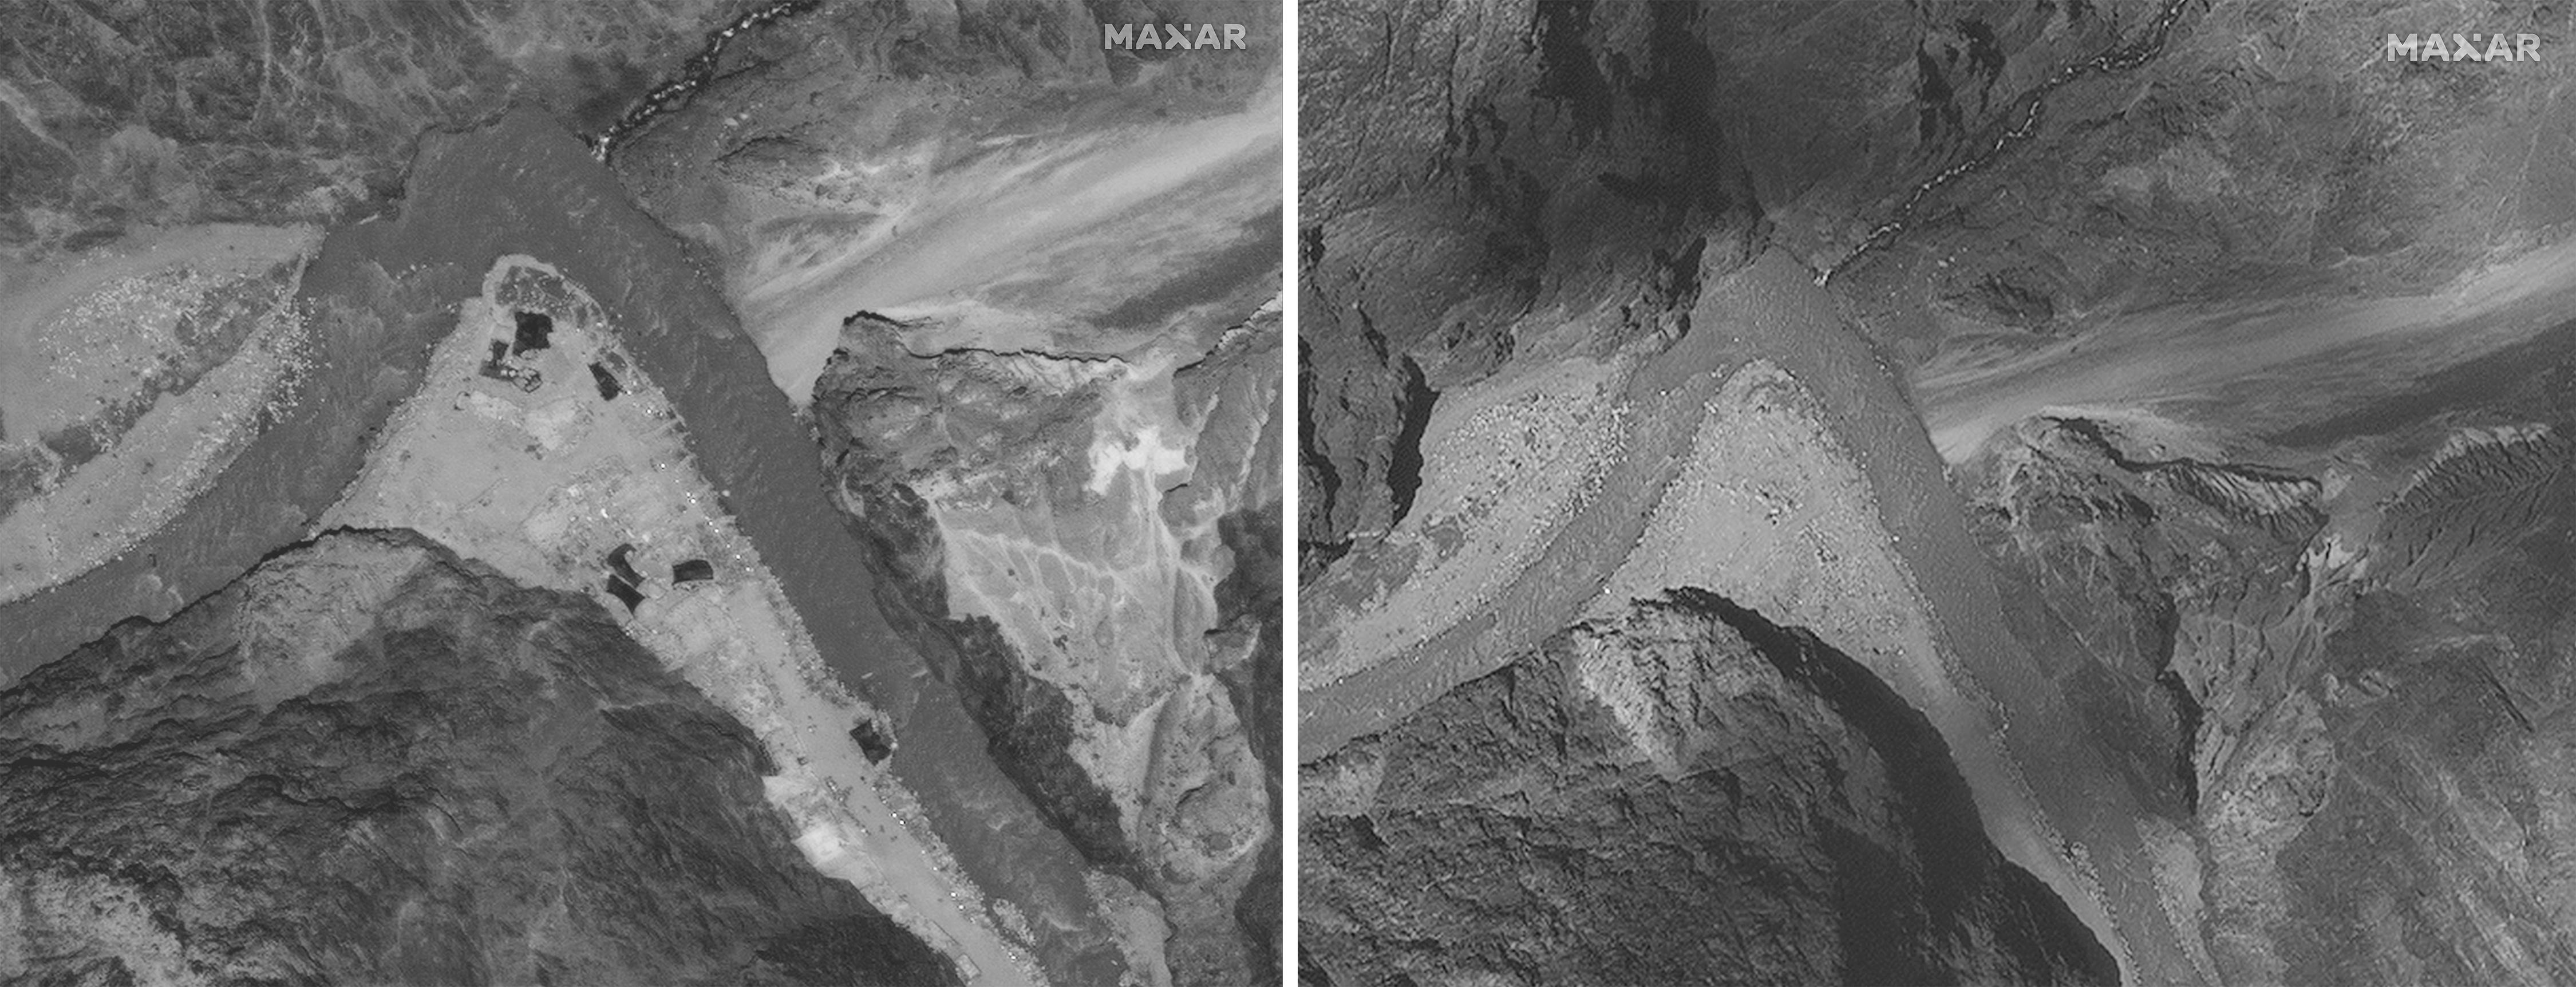 Esta combinación de imágenes satelitales del 28 de junio de 2020 a la izquierda y del 6 de julio de 2020 proporcionadas por Maxar Technologies muestra el valle de Galwan a lo largo de la disputada frontera entre India y China. (Tecnologías Maxar vía AP)